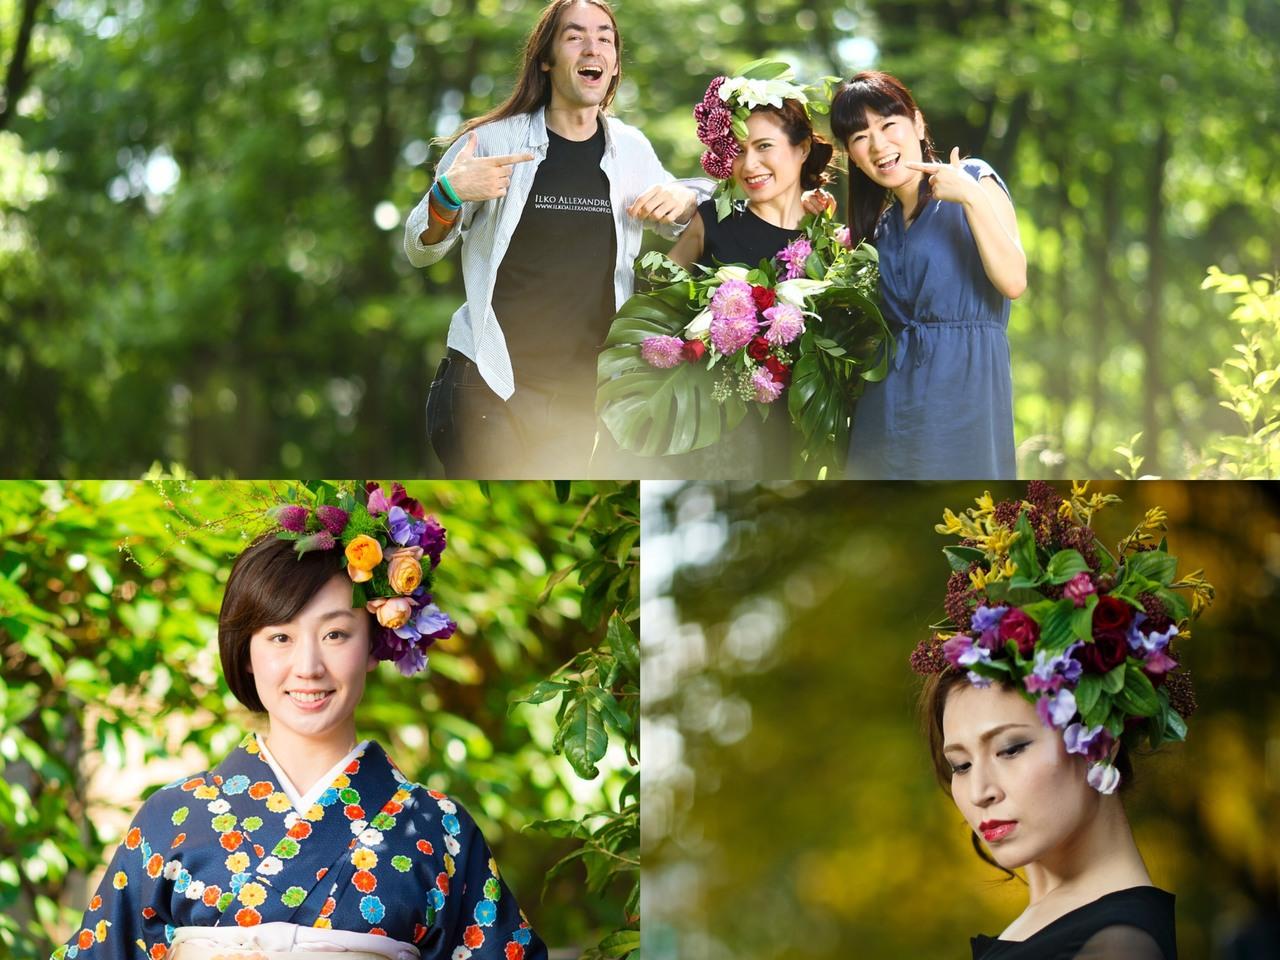 【4月1日開催】光の魔術師イルコ×ルナフルージュSpecial花衣体験会